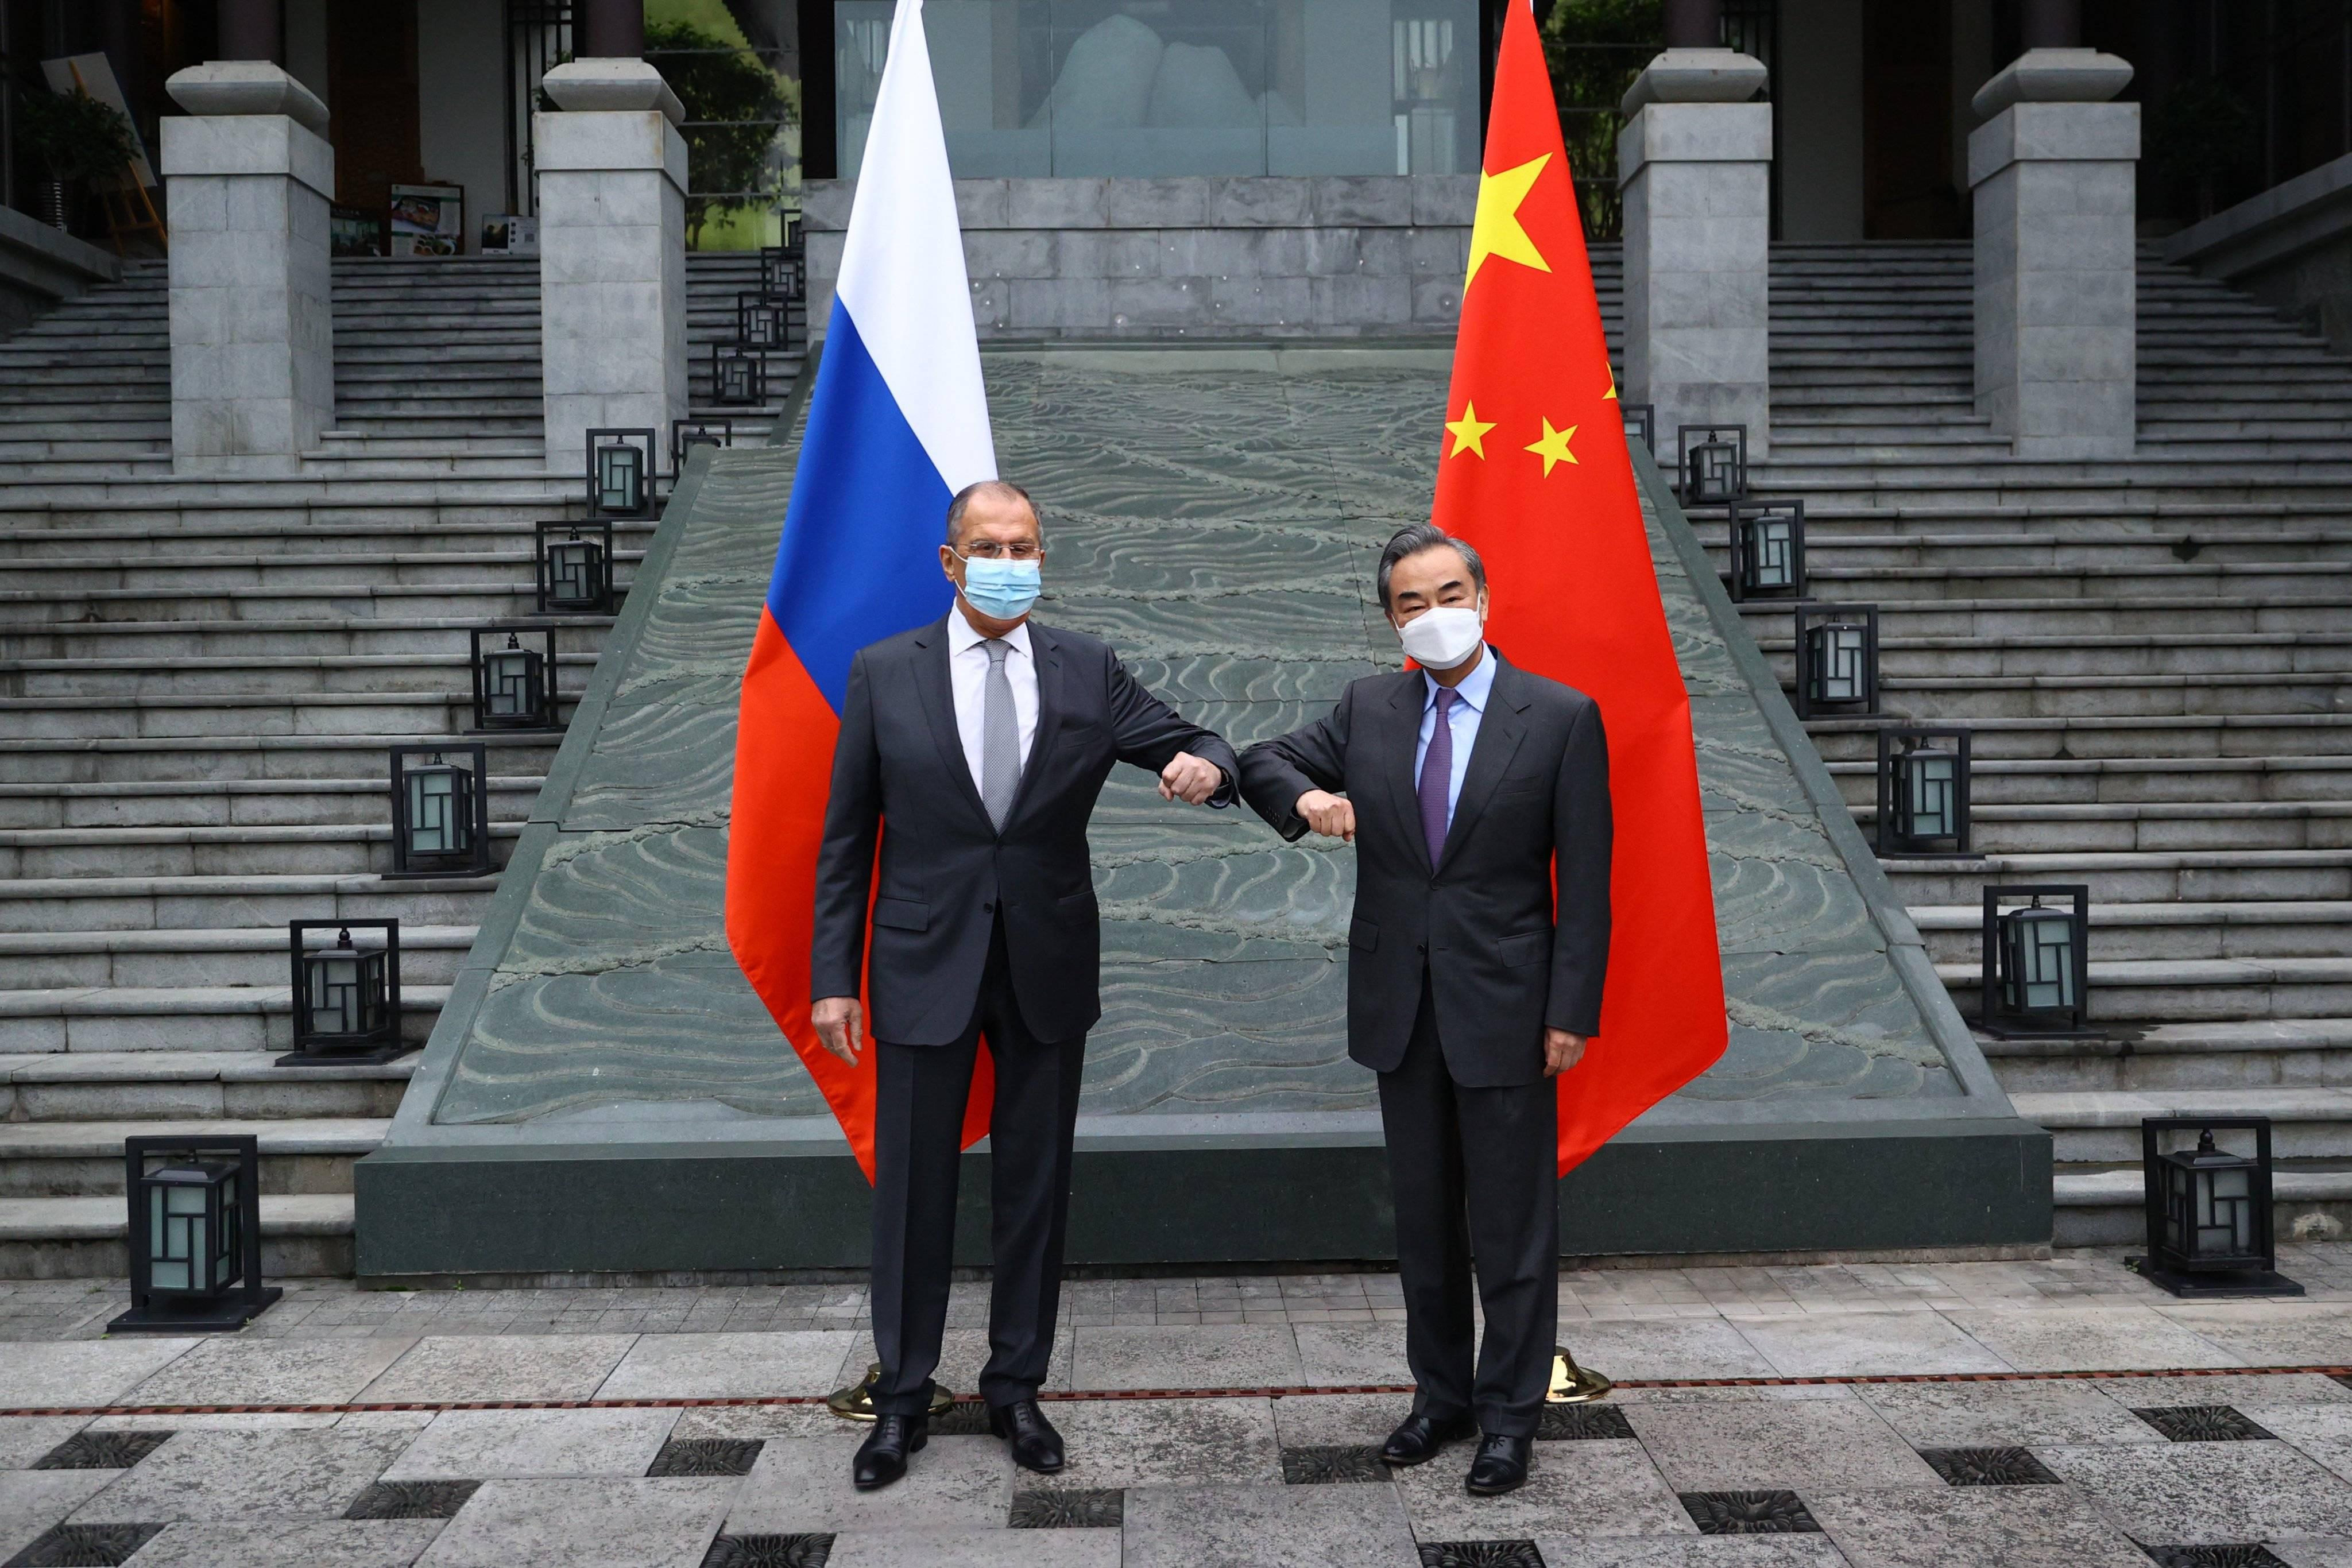 """美媒又开始揣测:中国想主导""""新世界秩序"""""""